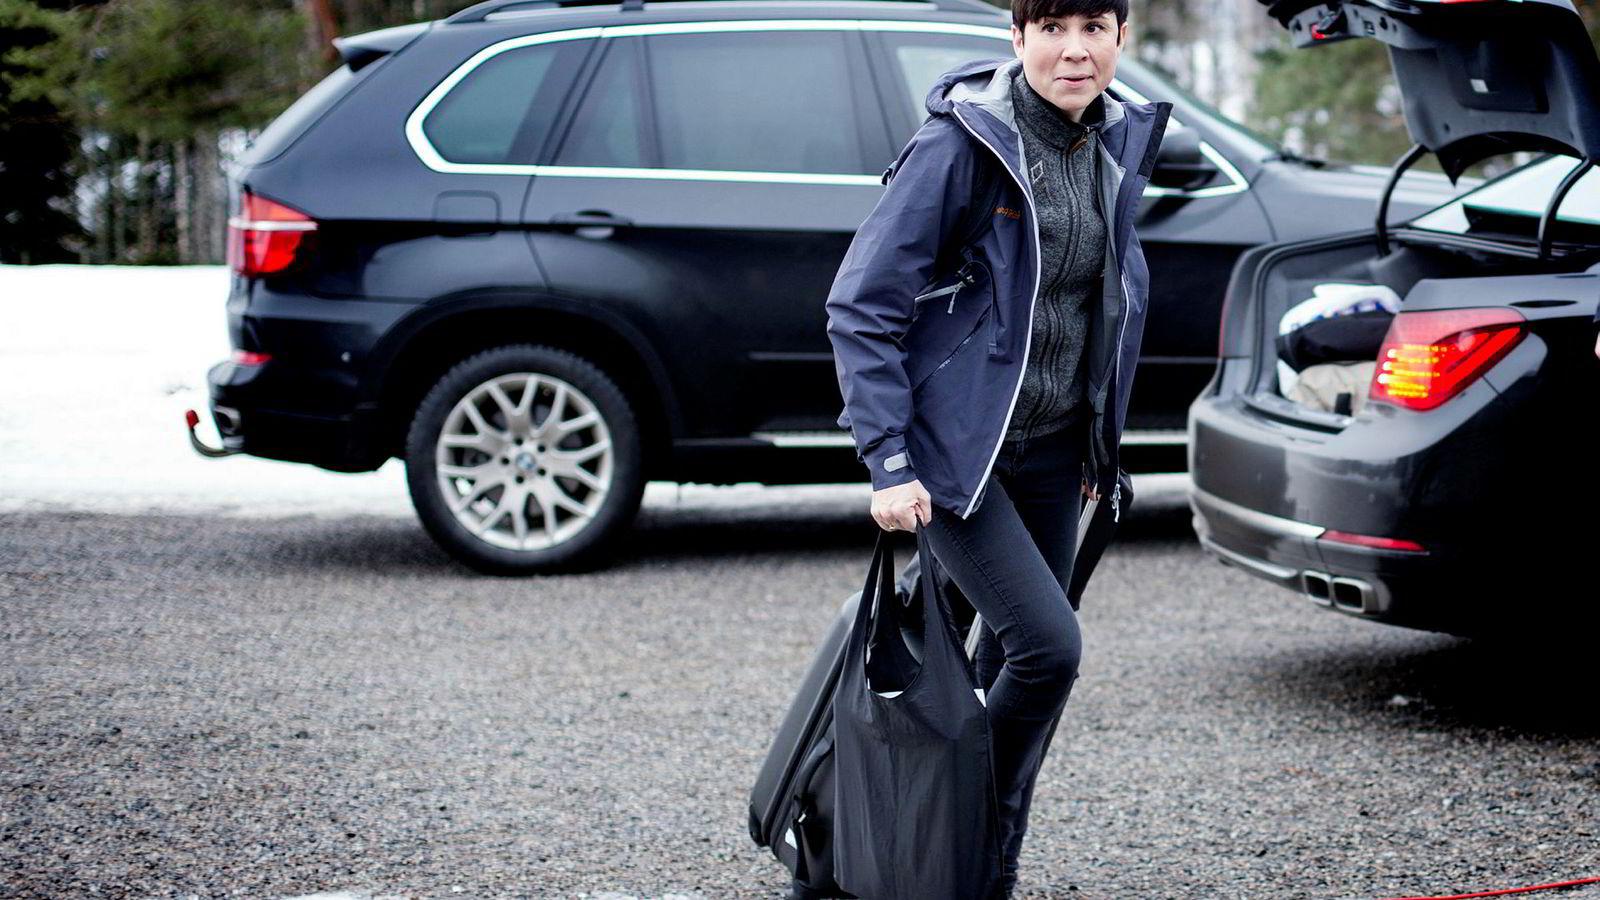 Forsvarsminister Ine Marie Eriksen Søreide ville endre innholdet i Riksrevisjonens sammendrag av kritikken av Forsvarsdepartementet